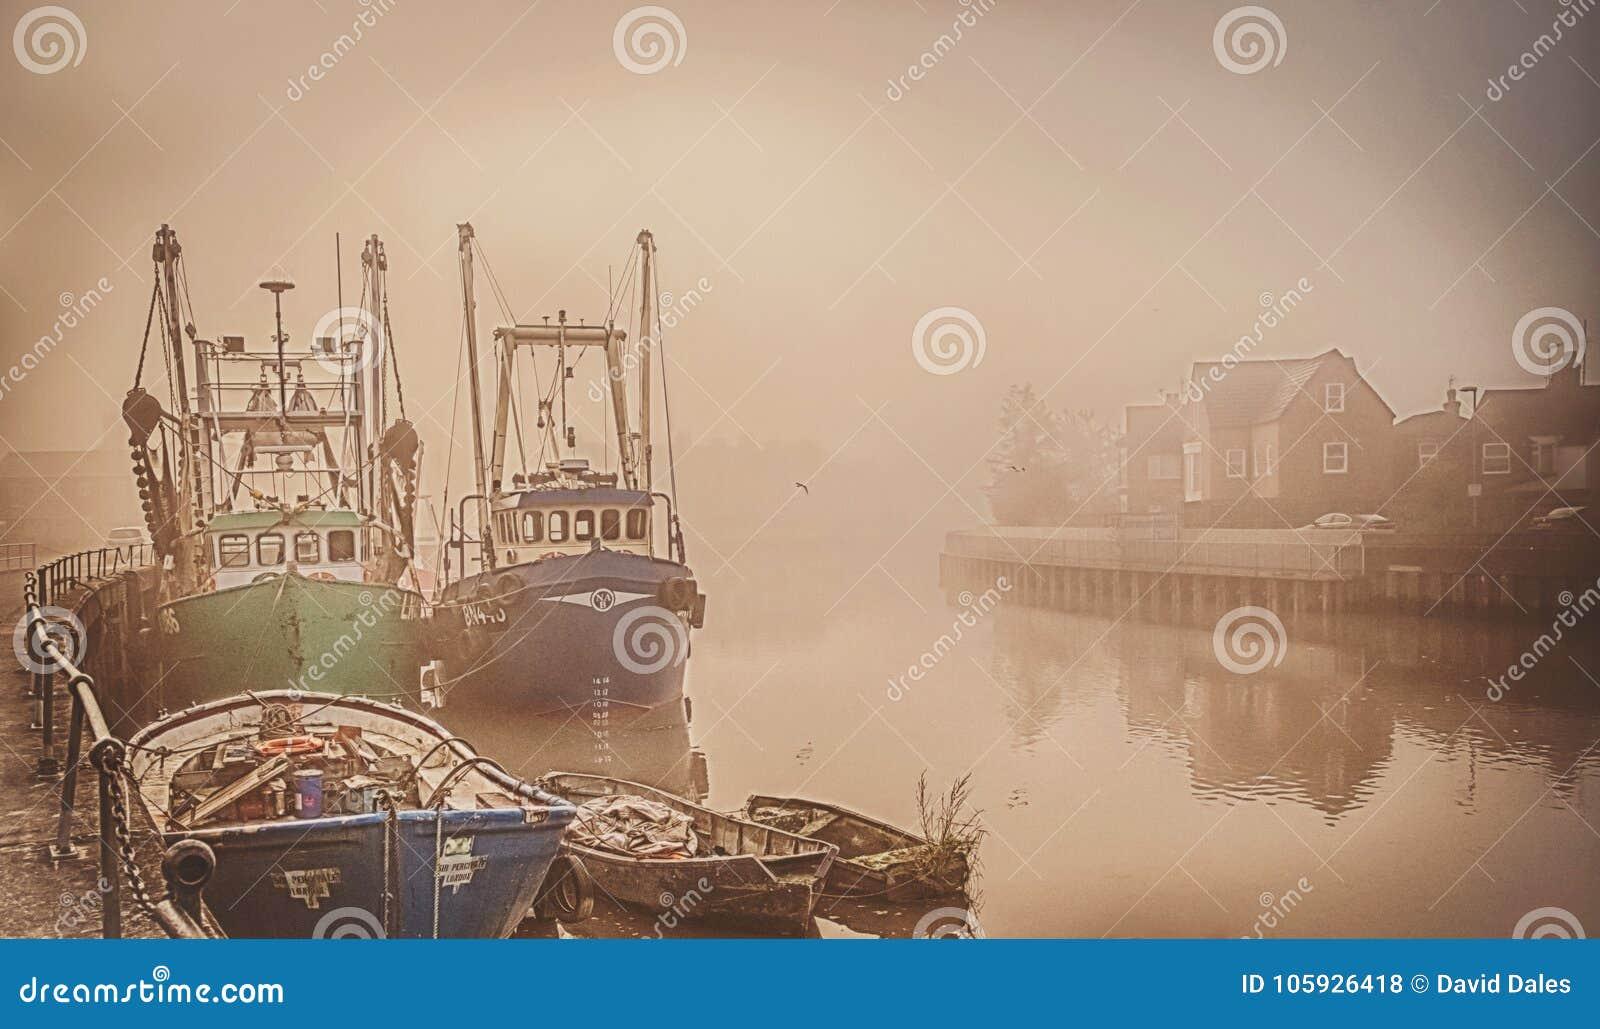 Barcos em um rio nevoento